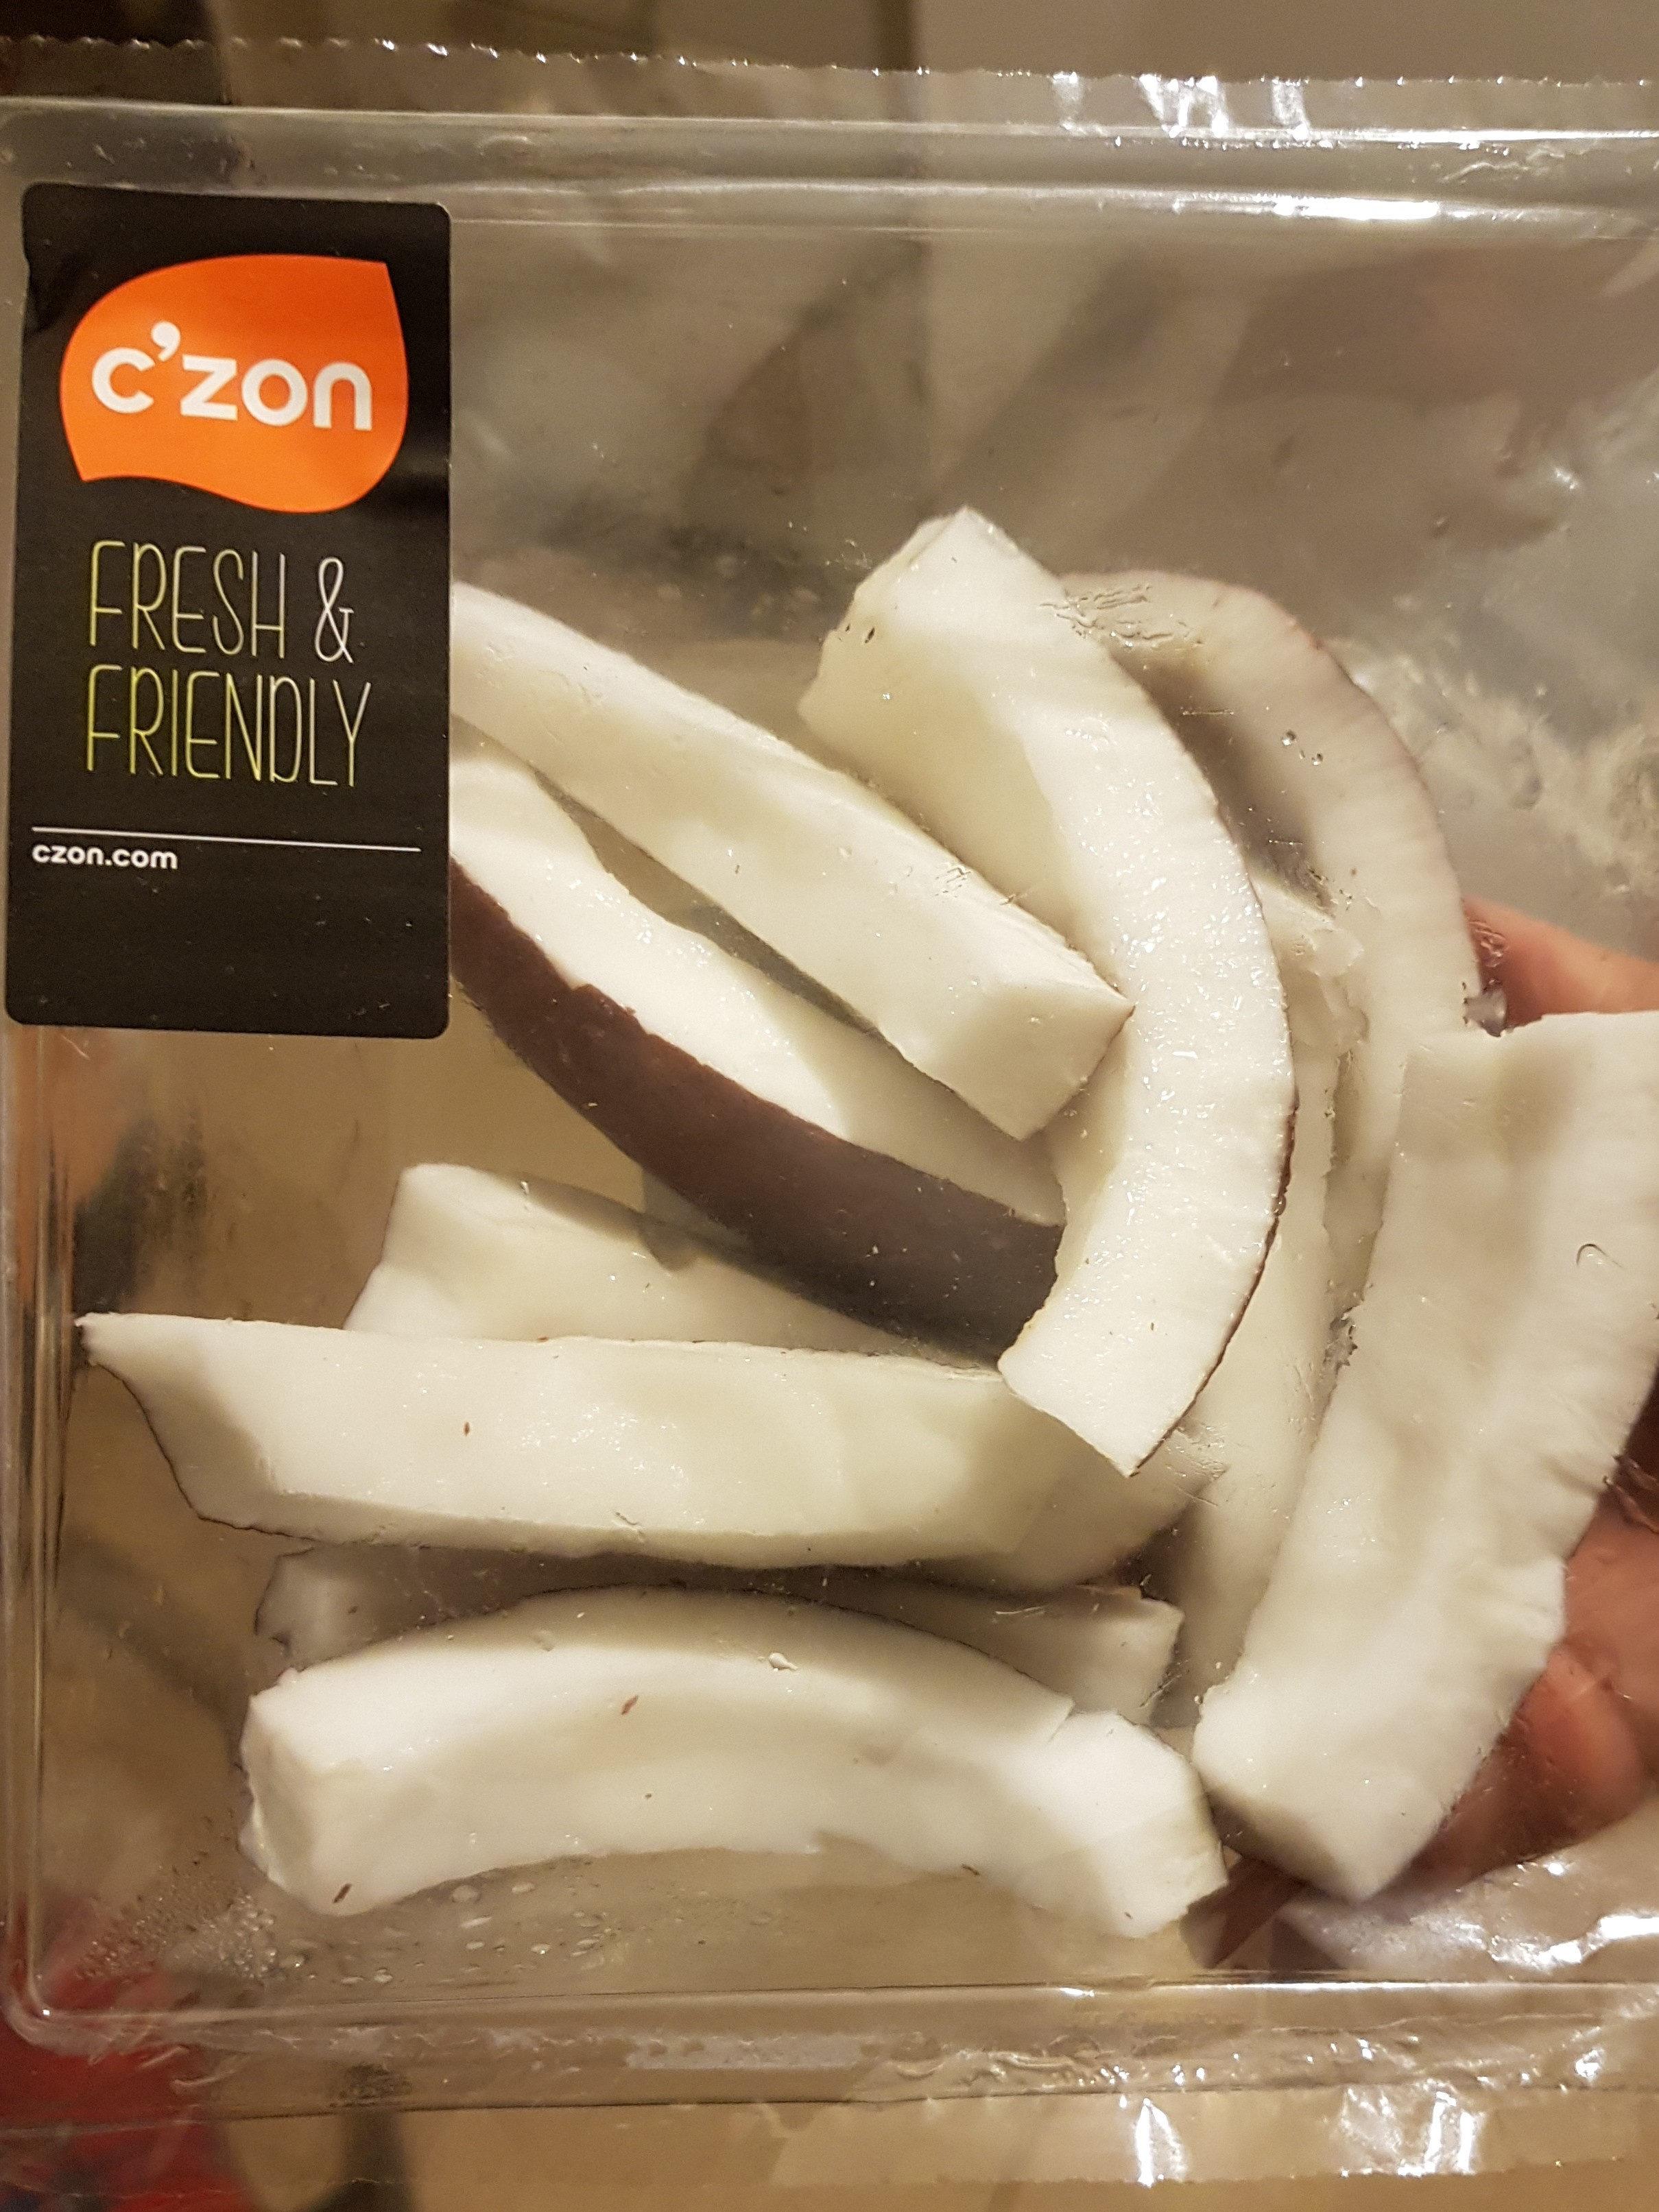 Noix de coco Czon, barquette - Product